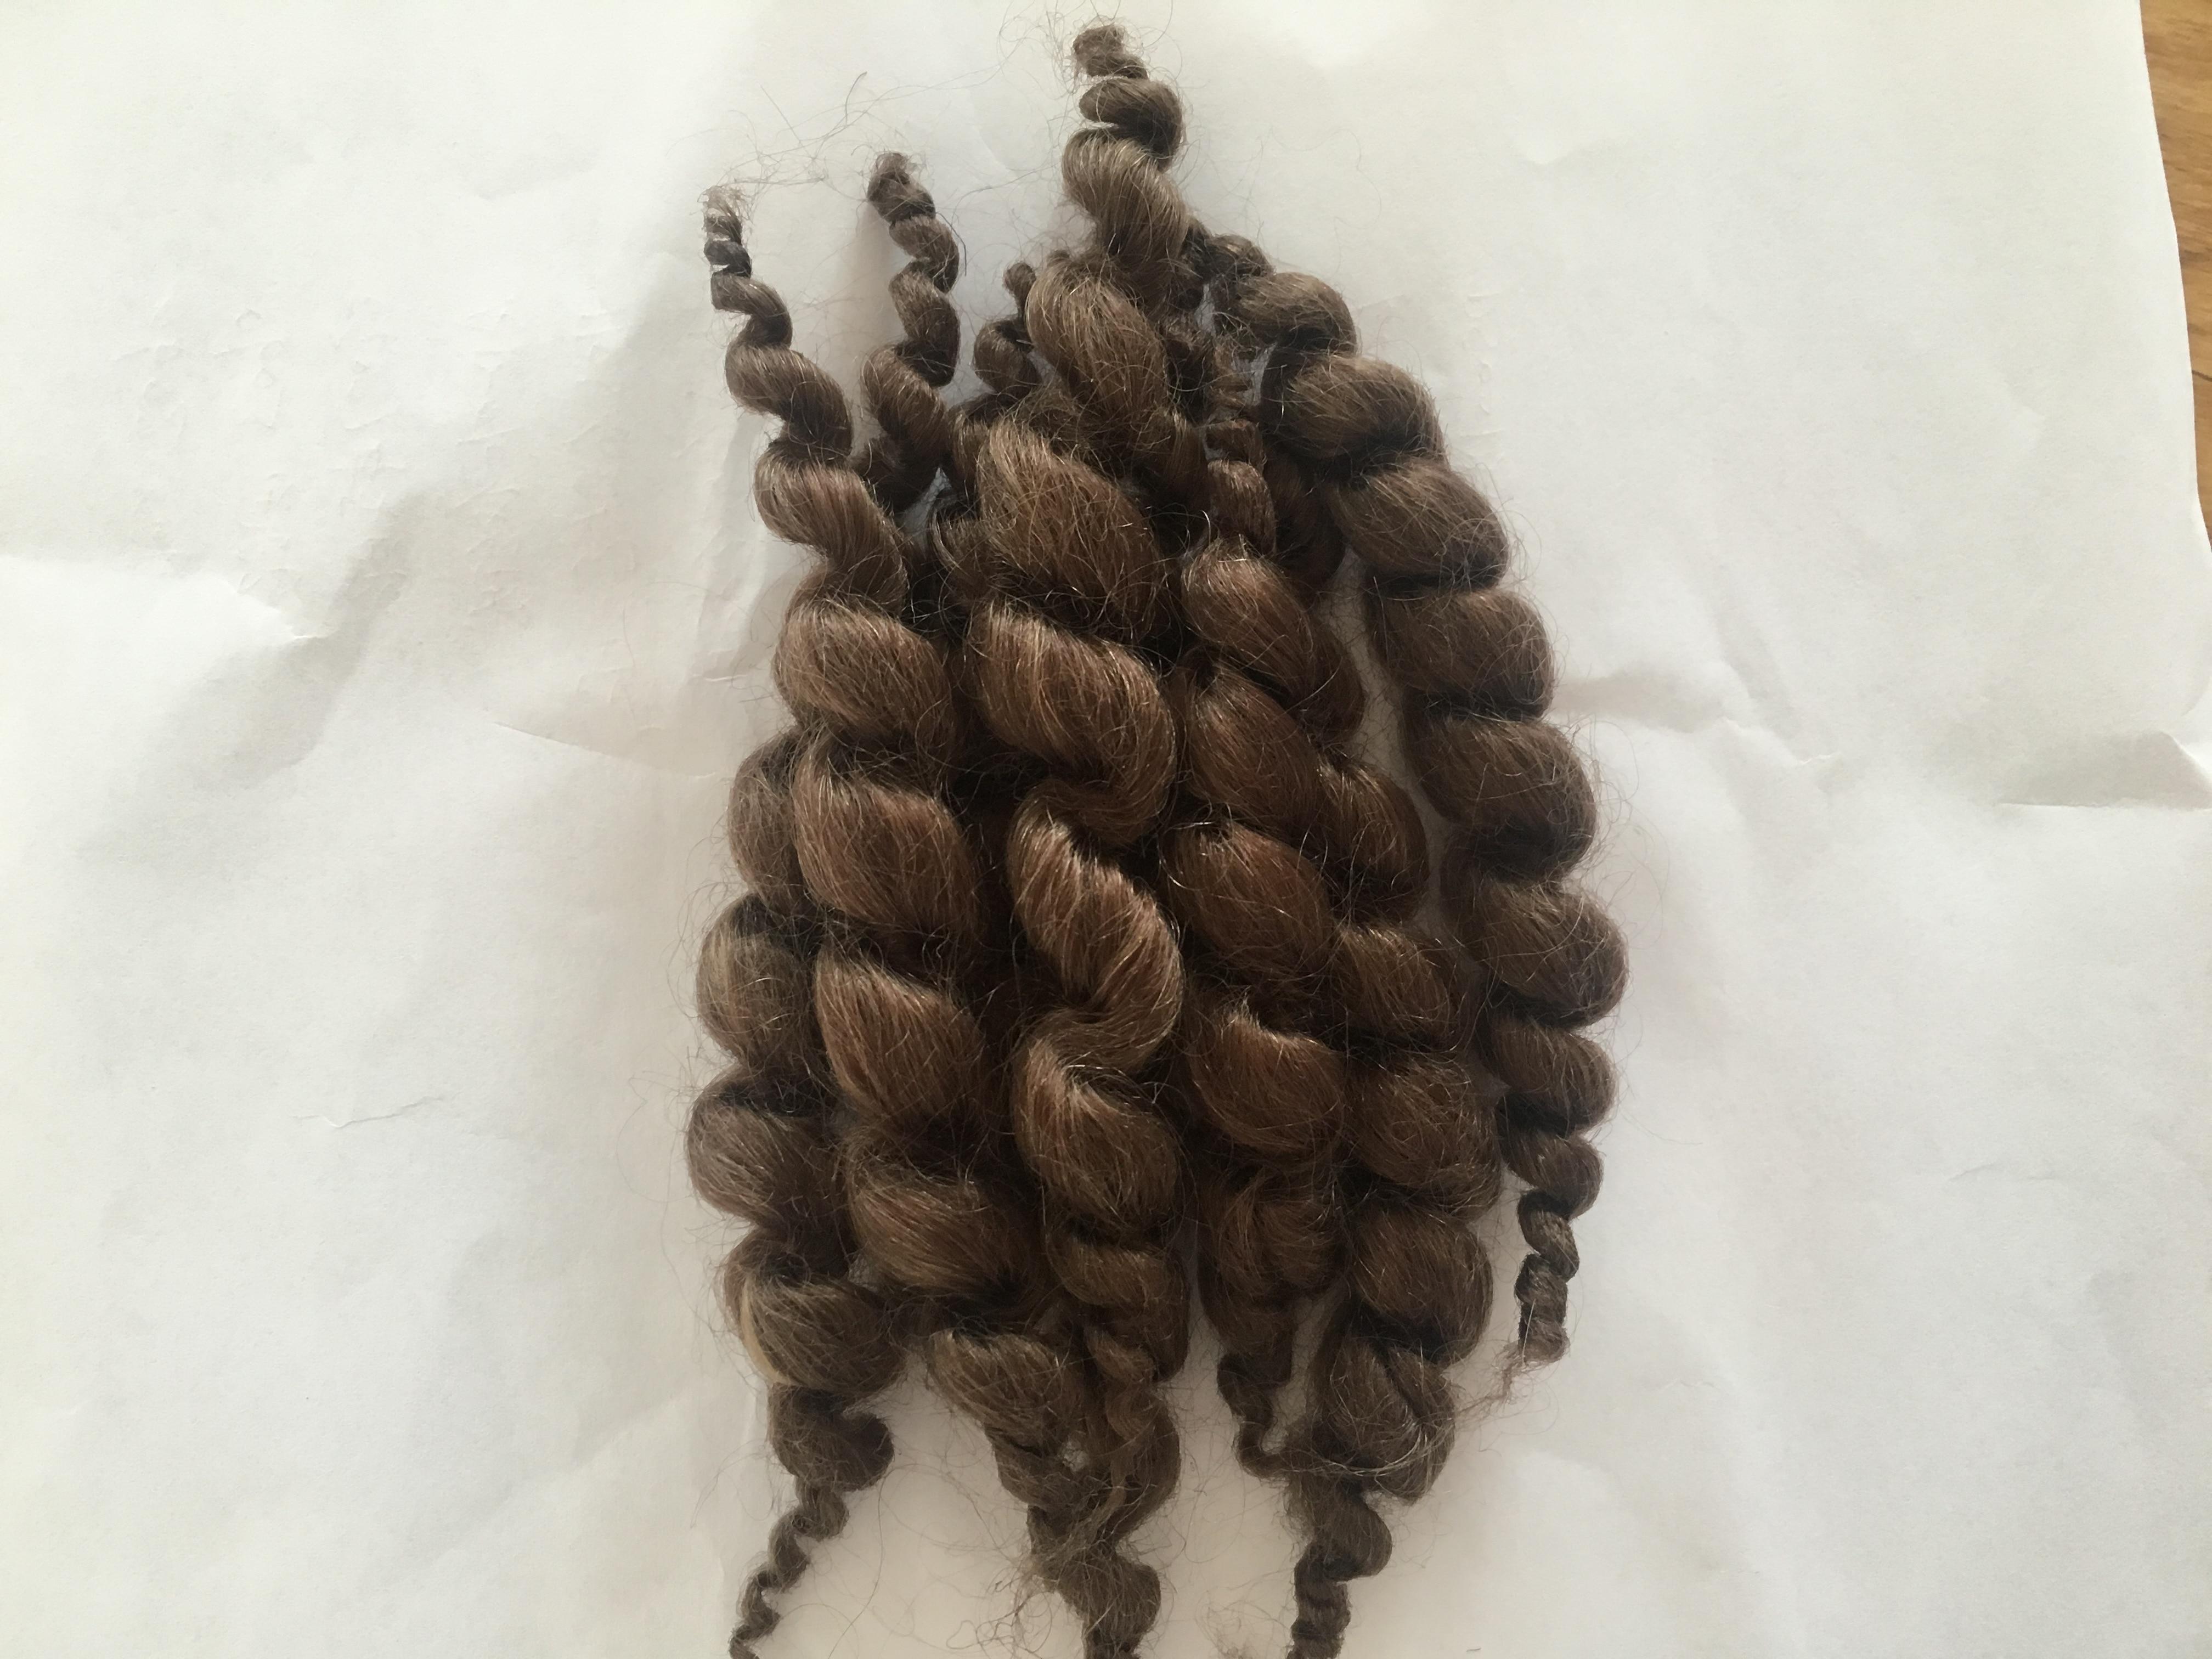 Doll Hair Curly Dark Brown Mohair Hair Like Real Human Hair Wig for Reborn Doll Kits 11cm 8 Stripes 20g